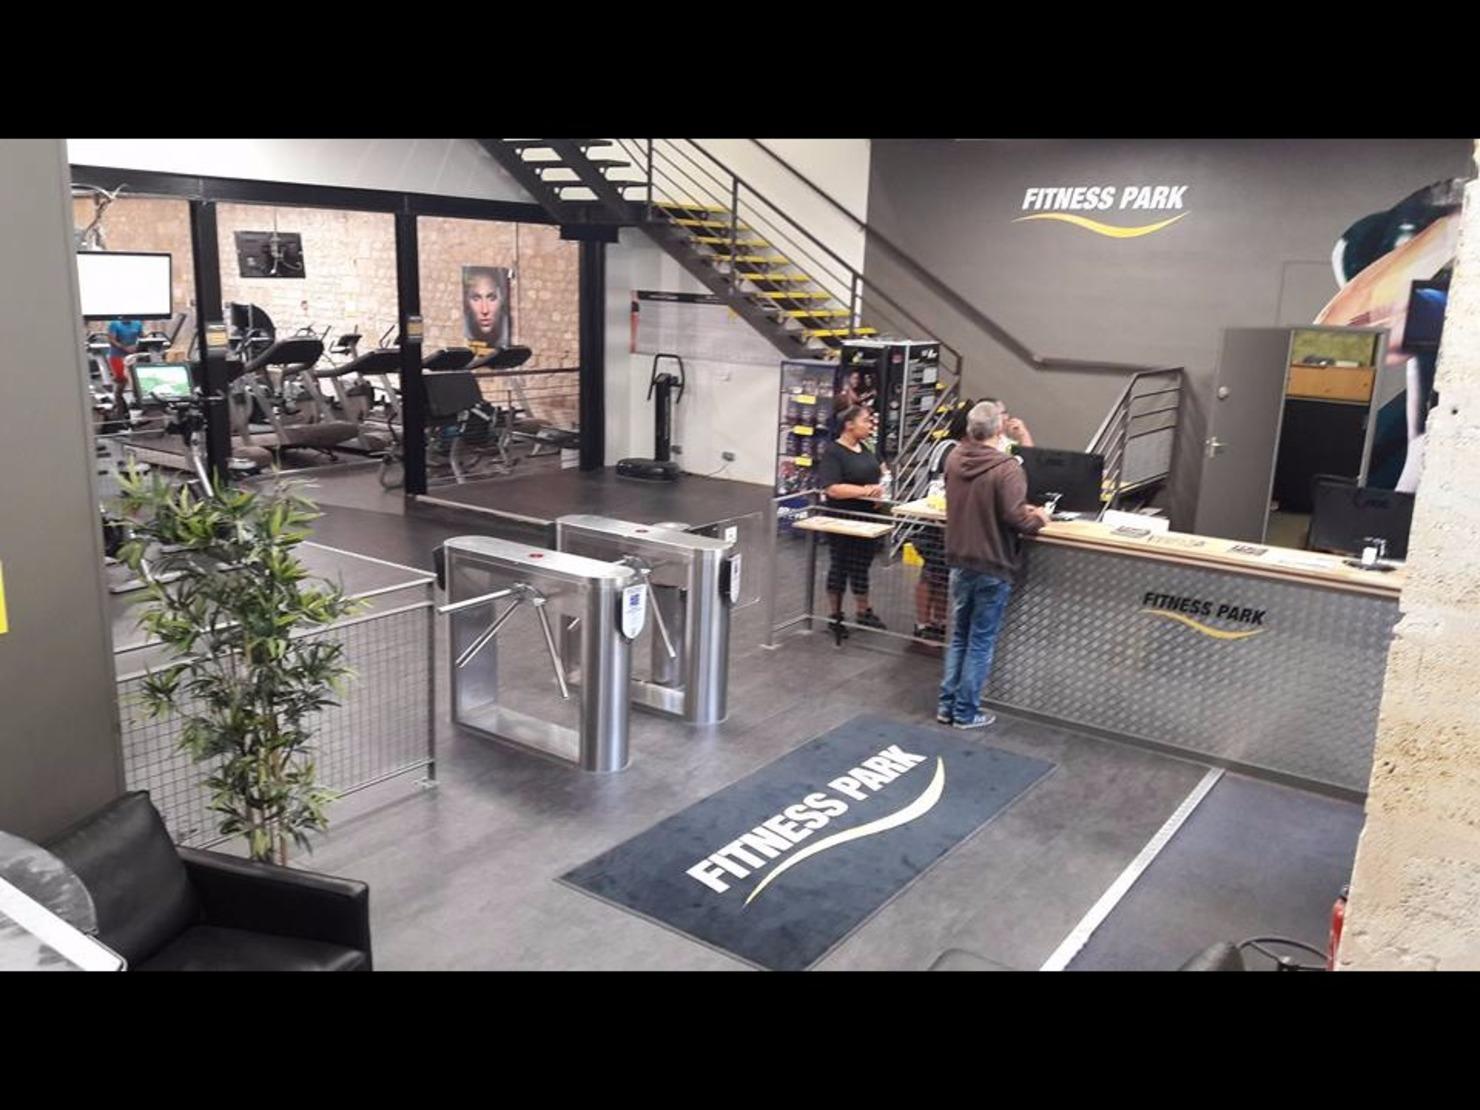 fitness park bordeaux tarifs avis horaires essai gratuit